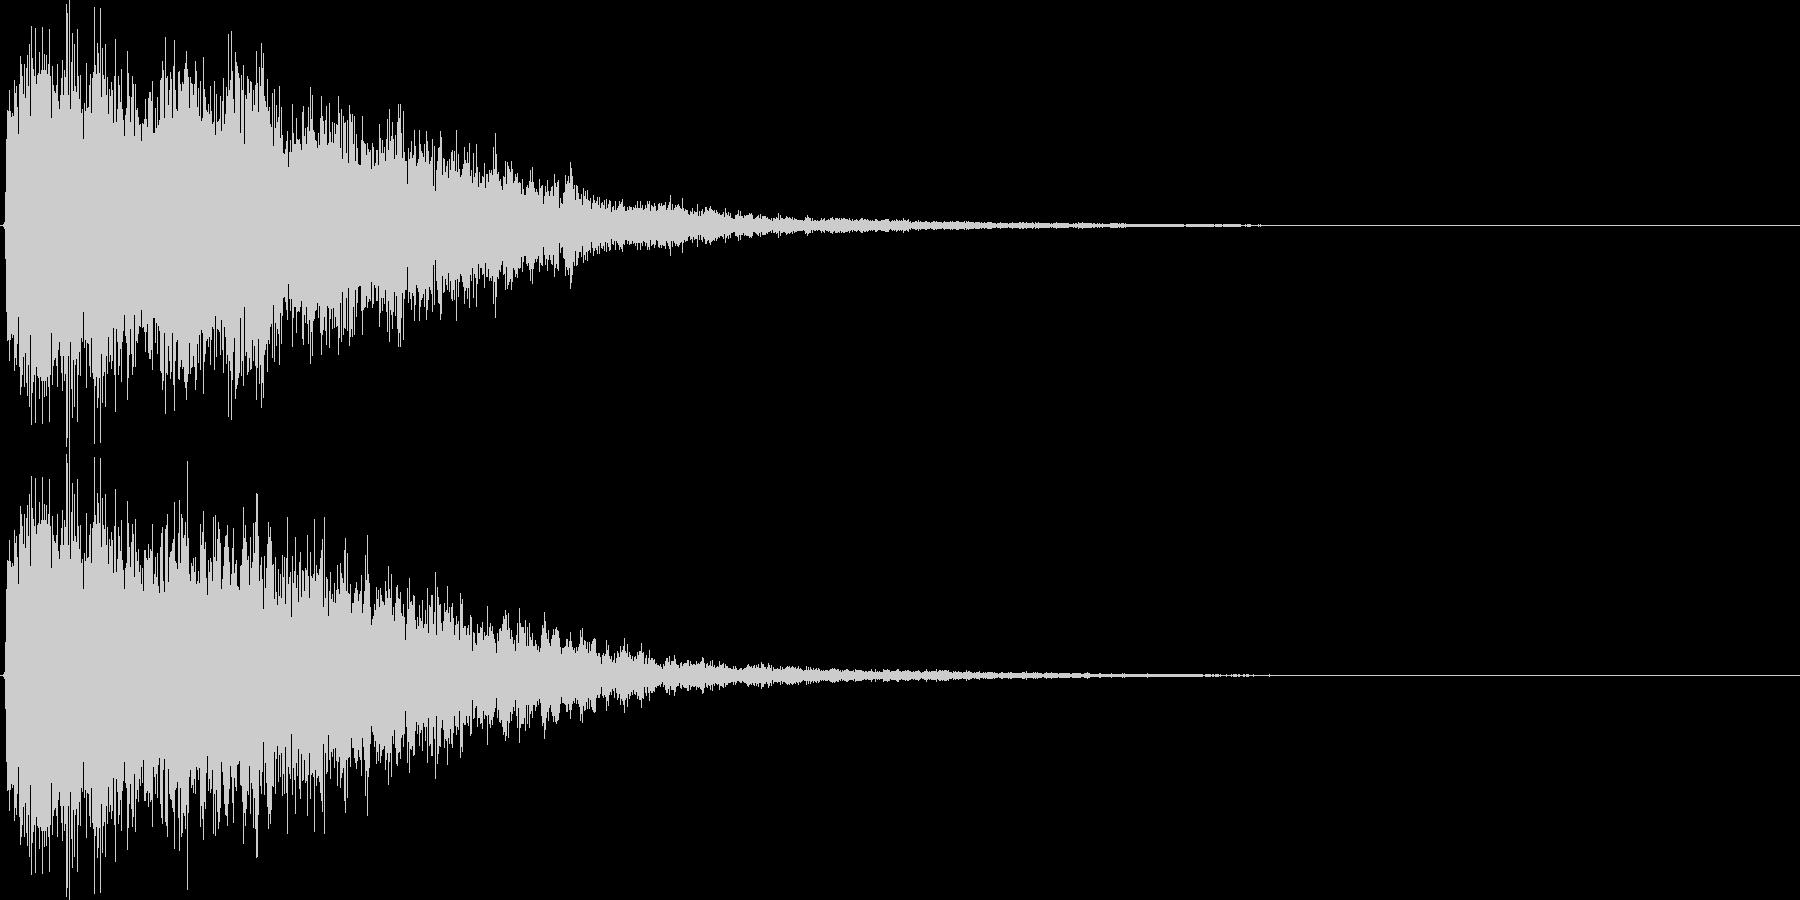 ジャーン(鐘、ゲーム、アプリ、起動音等)の未再生の波形